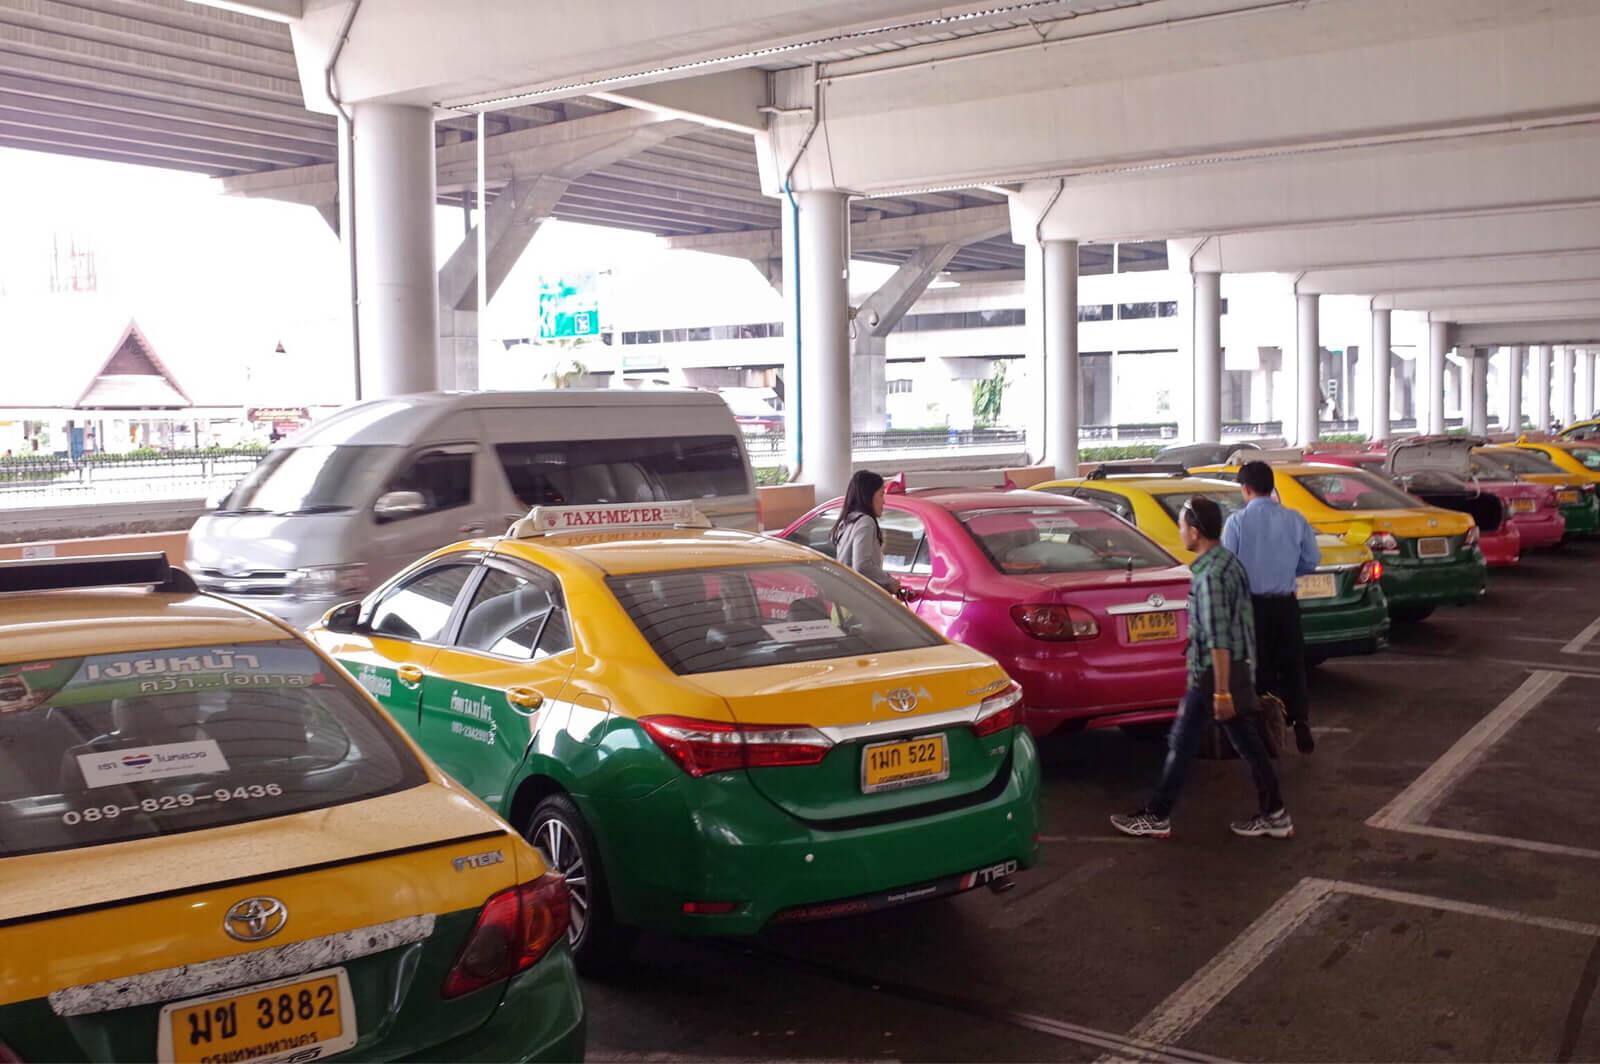 ドンムアン空港【安全なタクシーの乗り方】バンコク市内へぼったくりに合わずに移動